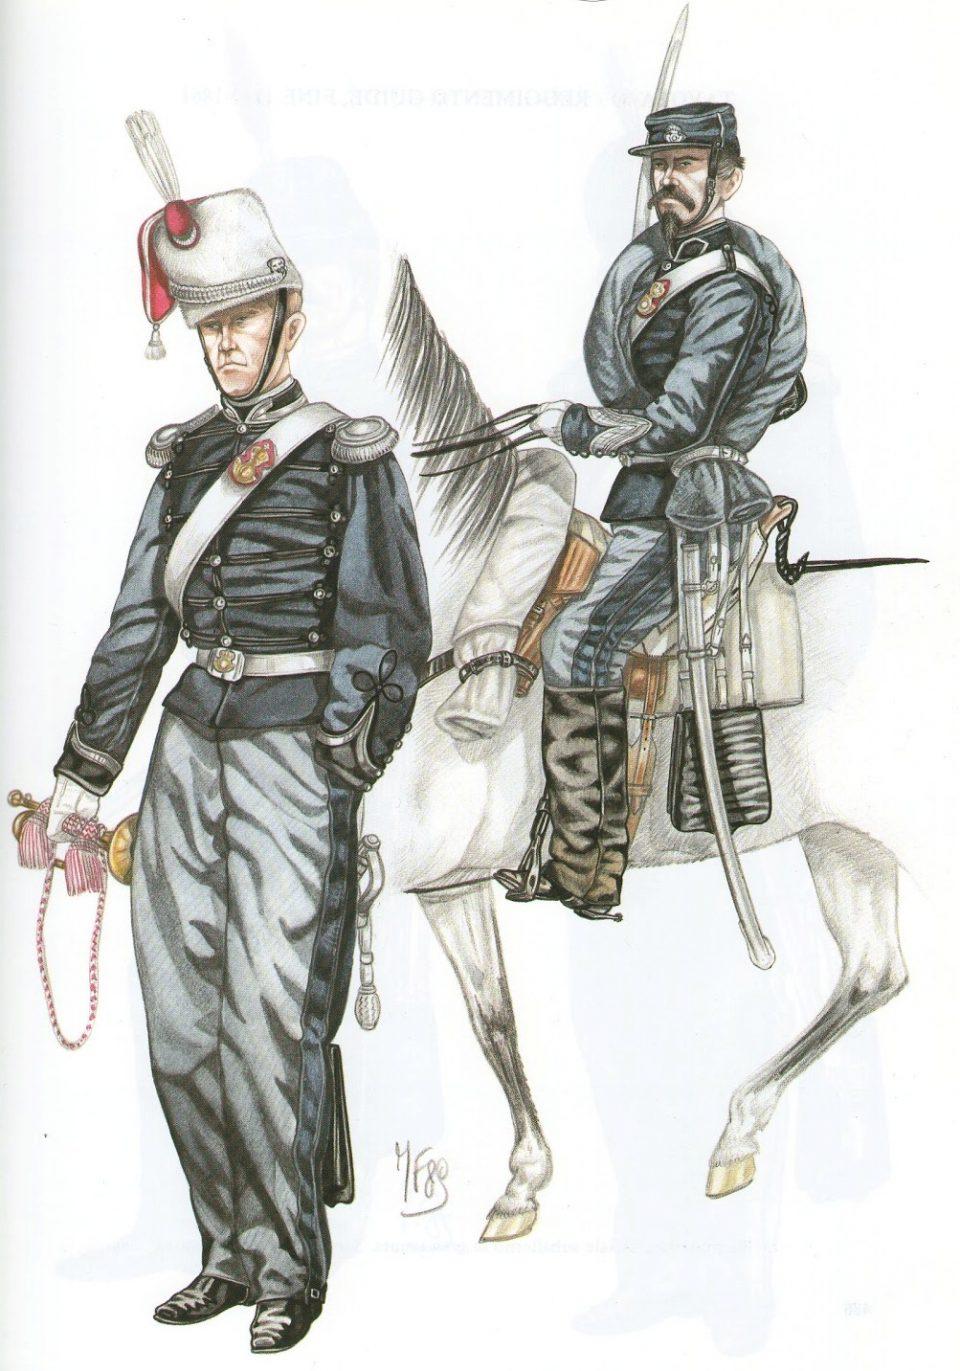 Reggimento Guide - 1860 - Trombettiere in gran tenuta e sergente un tenuta da campagna